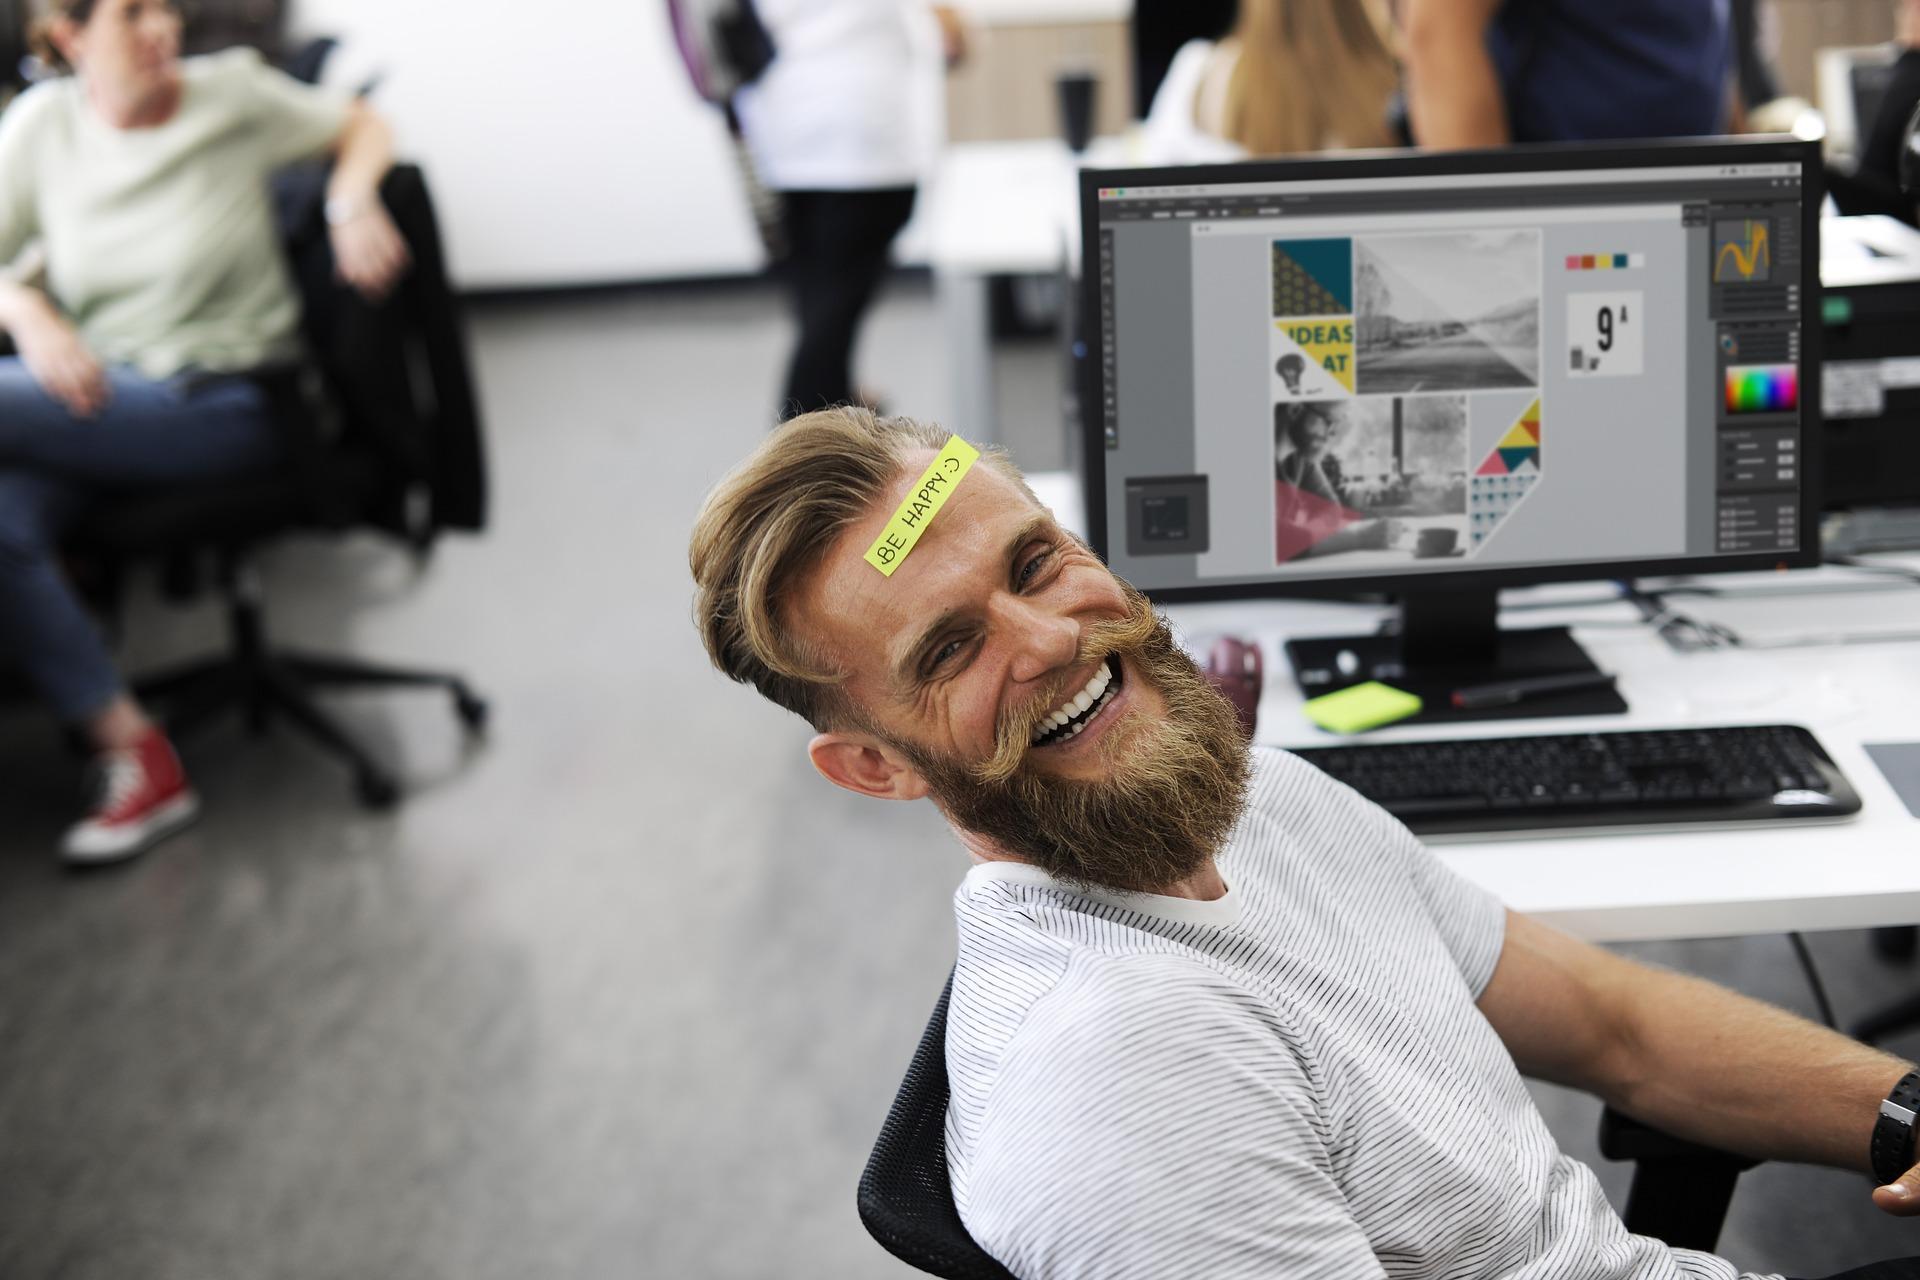 Ragazzo sorre peché è contento sul posto di lavoro